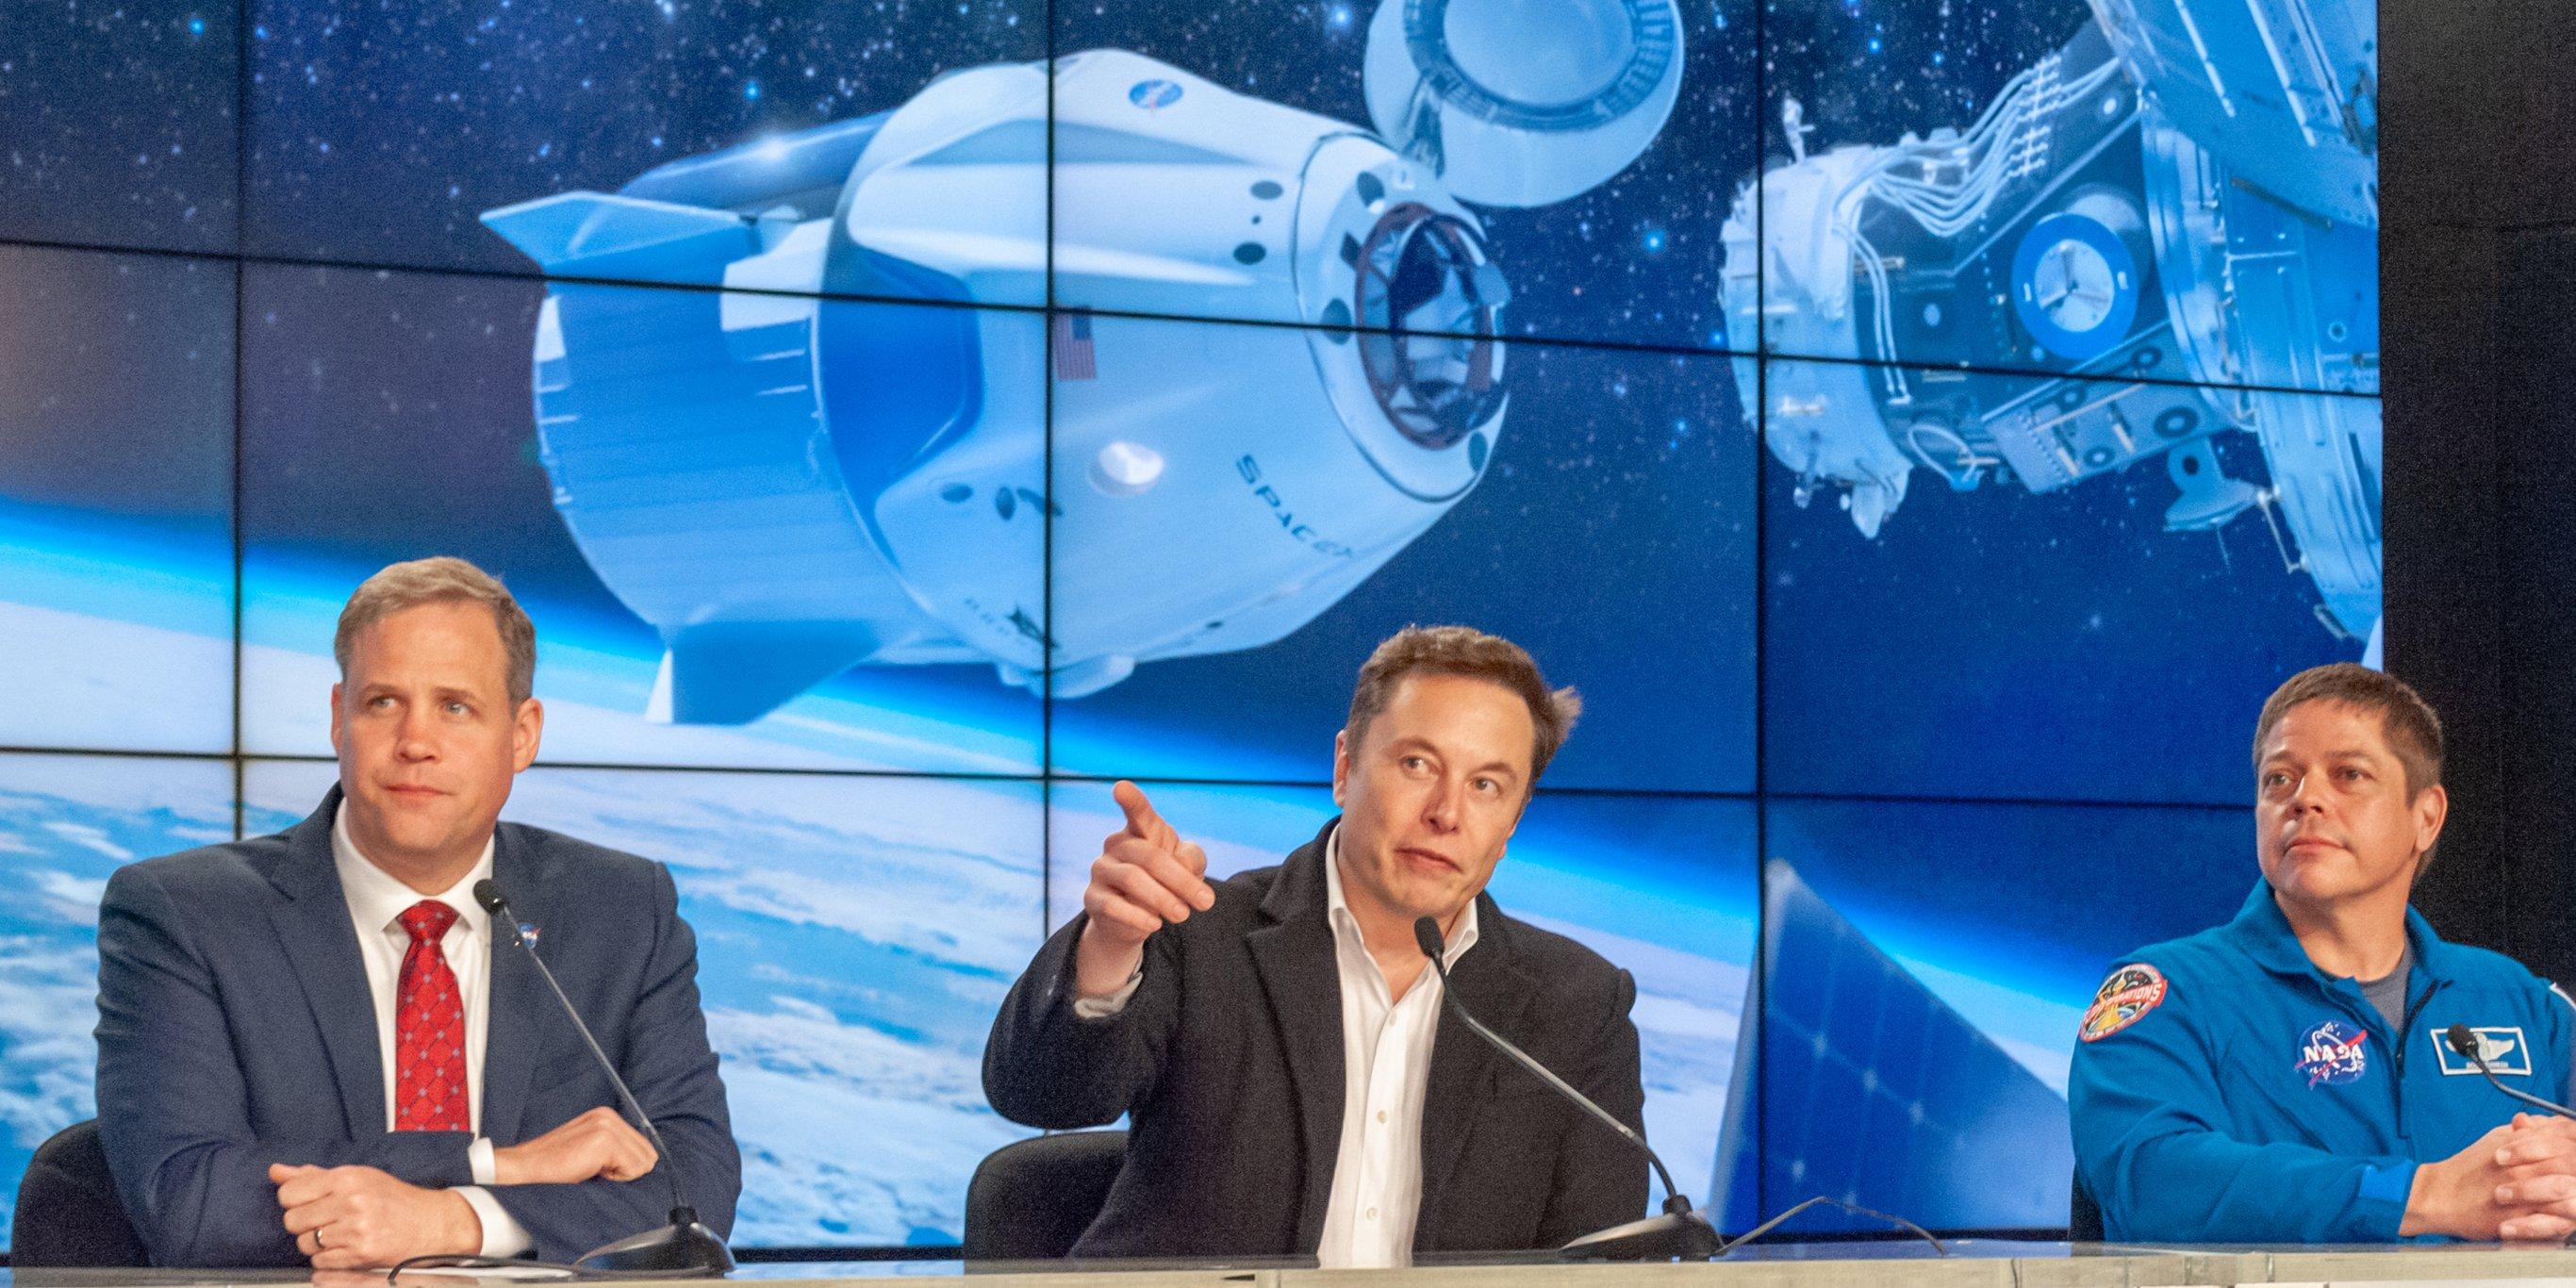 Elon Musk trong cuộc họp báo sau vụ phóng tàu Crew Dragon lên quỹ đạo và kết nối với Trạm vũ trụ quốc tế ISS. Ảnh: Viral Update News.